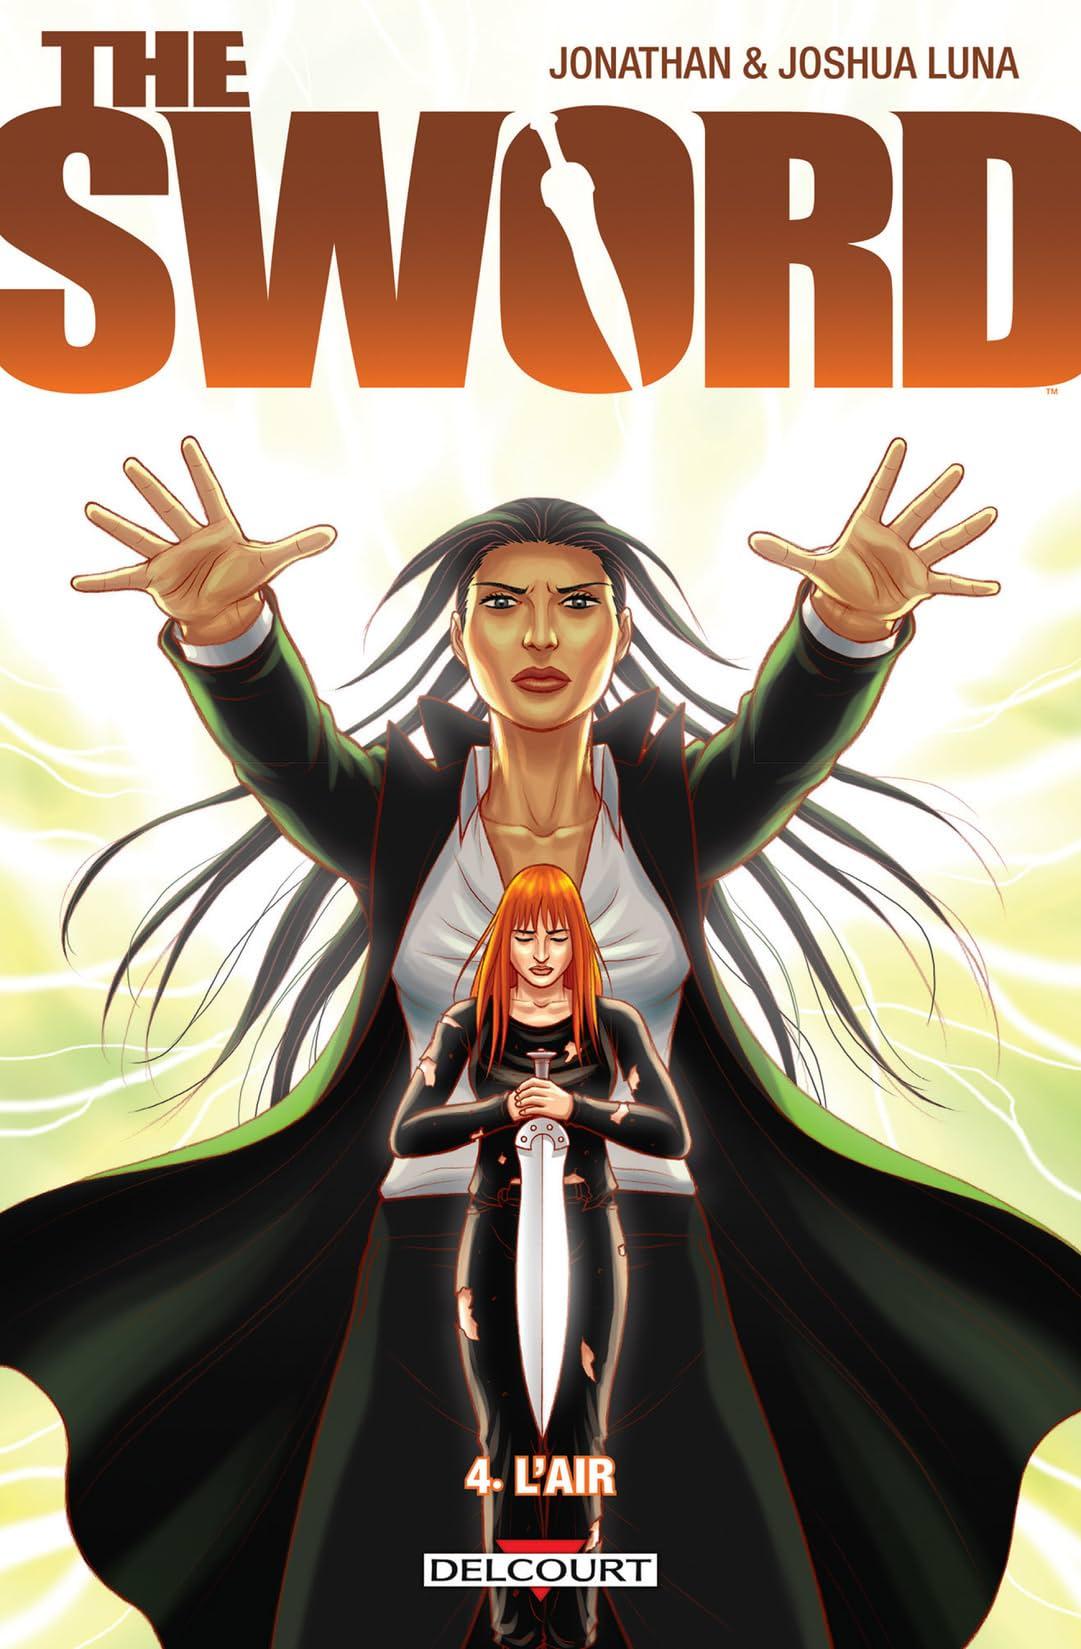 The Sword Vol. 4: L'Air